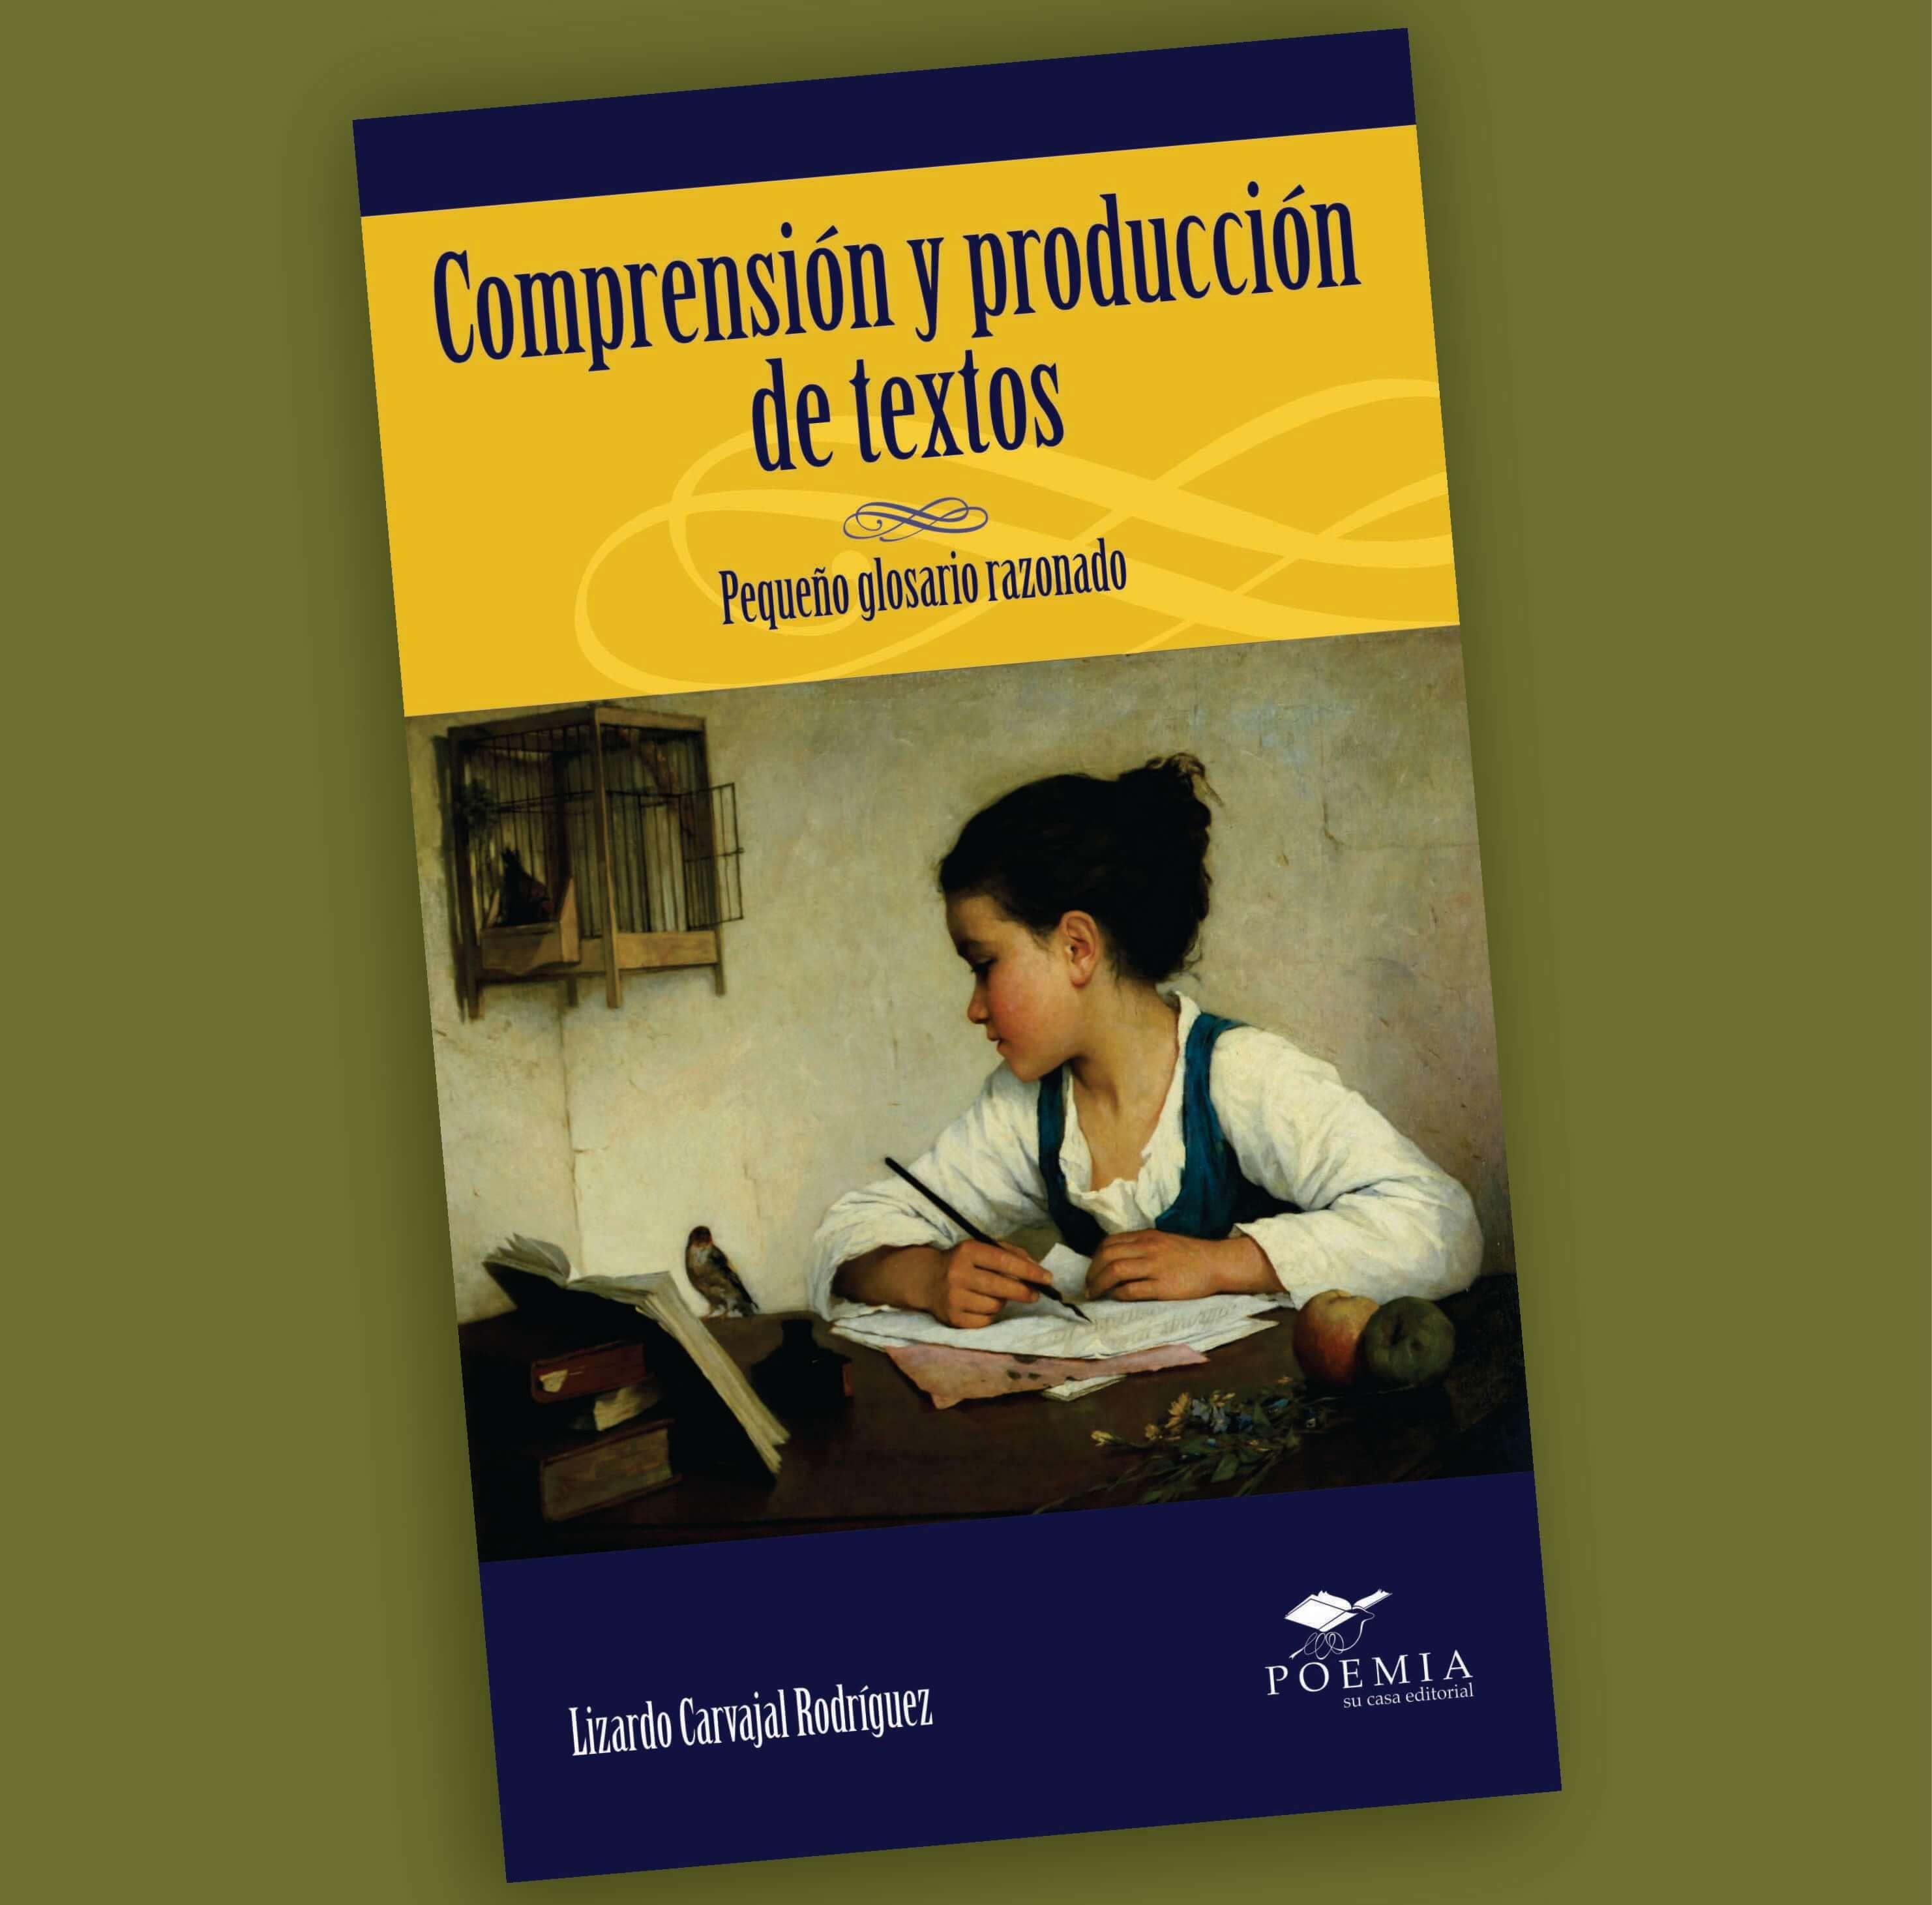 Comprensión y producción de textos-Lizardo Carvajal